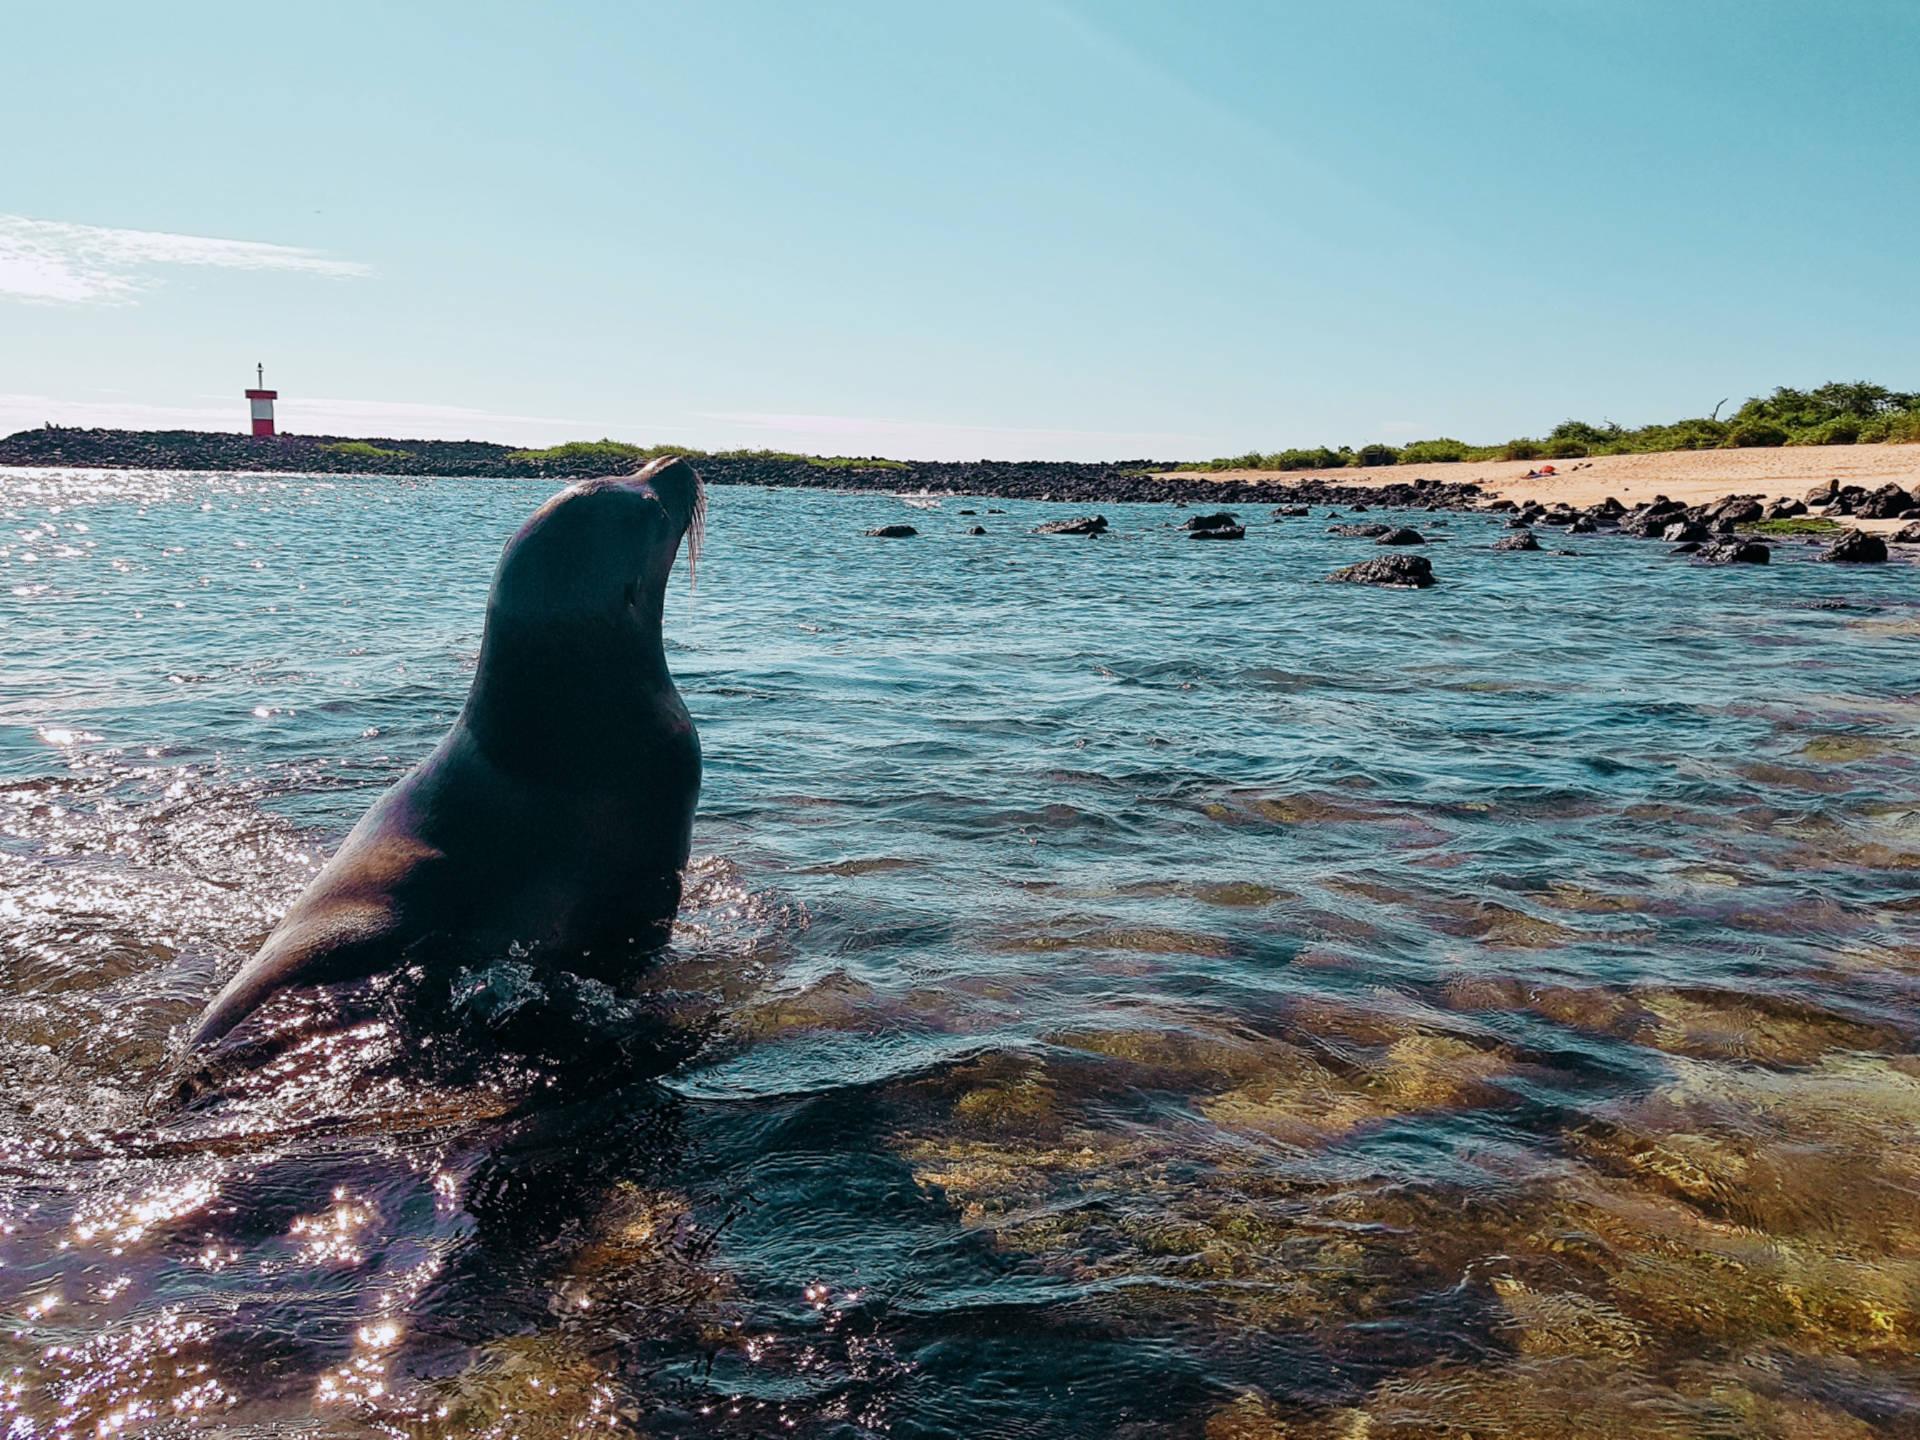 Jak tanio zwiedzić Wyspy Galapagos Darmowe atrakcje nawyspach (14)